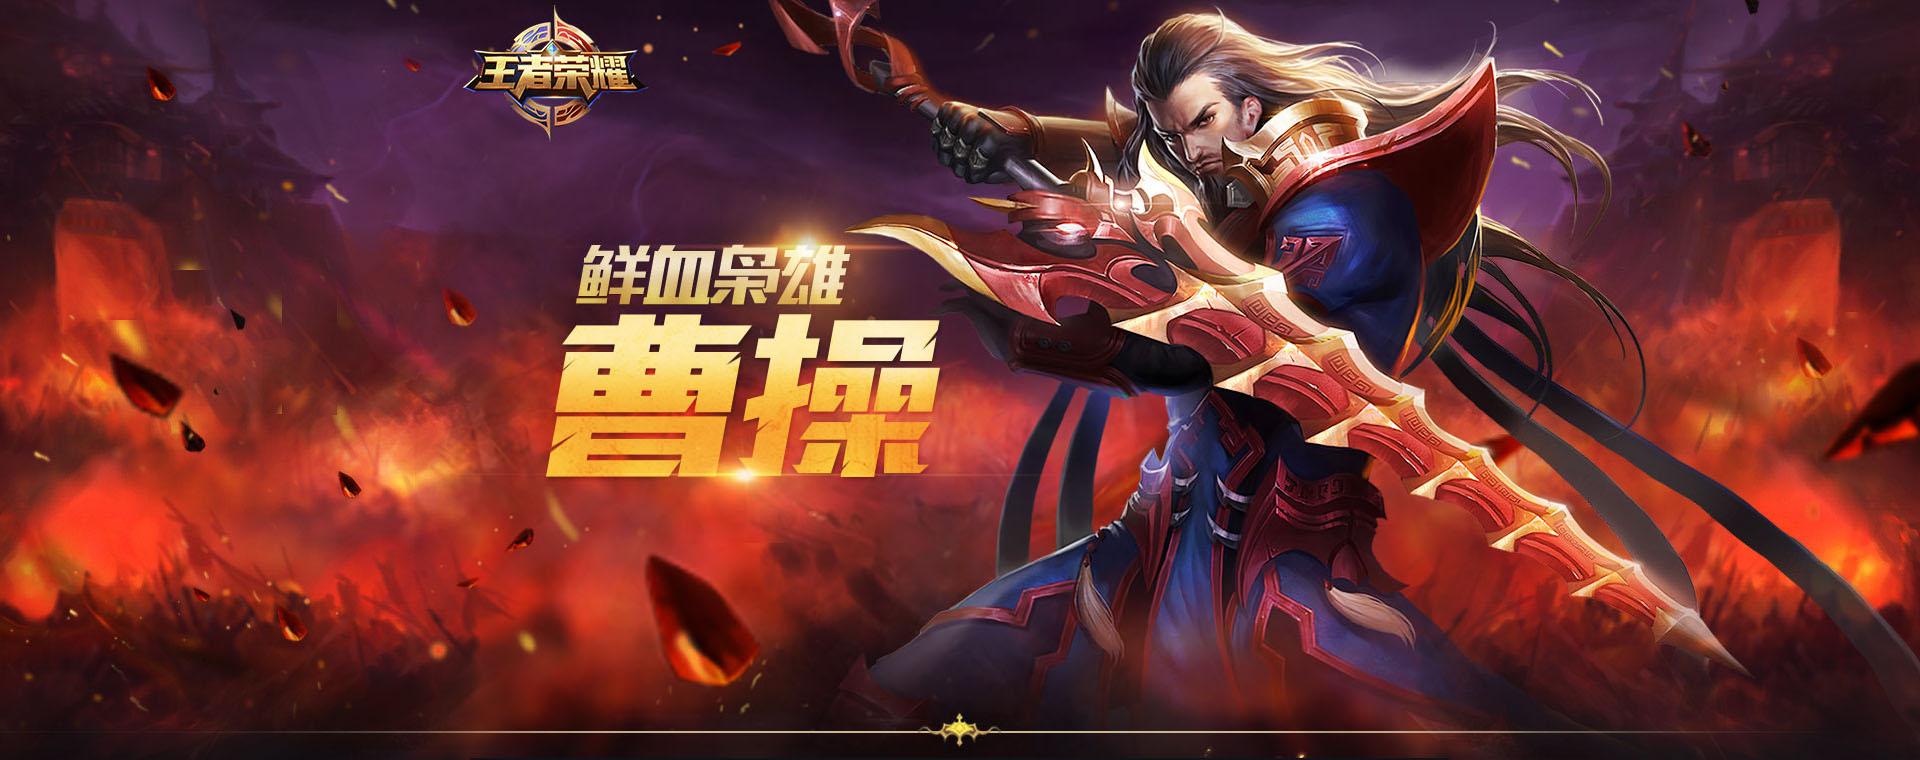 第2弹《王者荣耀英雄皮肤CG》竞技游戏117